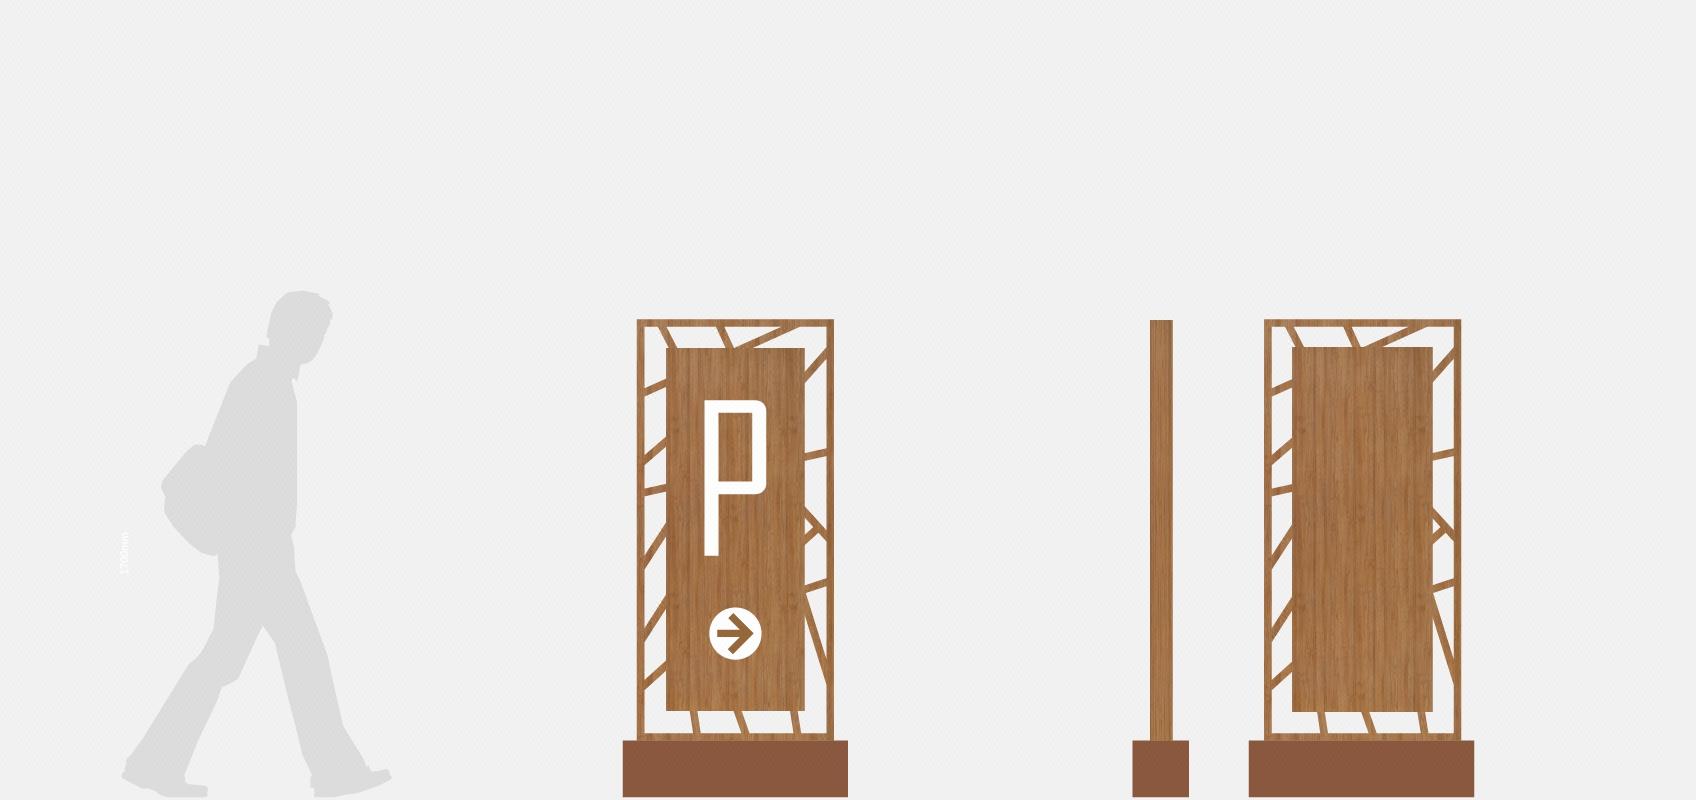 LOGO_字体设计文字logo公司企业品牌标志图标设计38